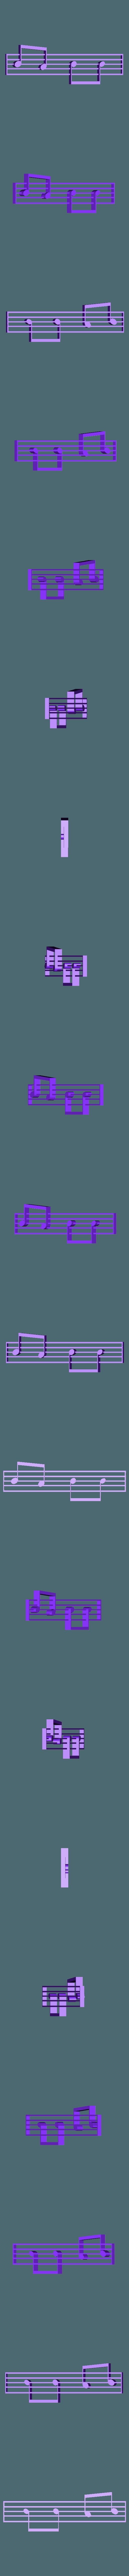 Telecharger Fichier Stl Partition Musique Modele A Imprimer En 3d Cults